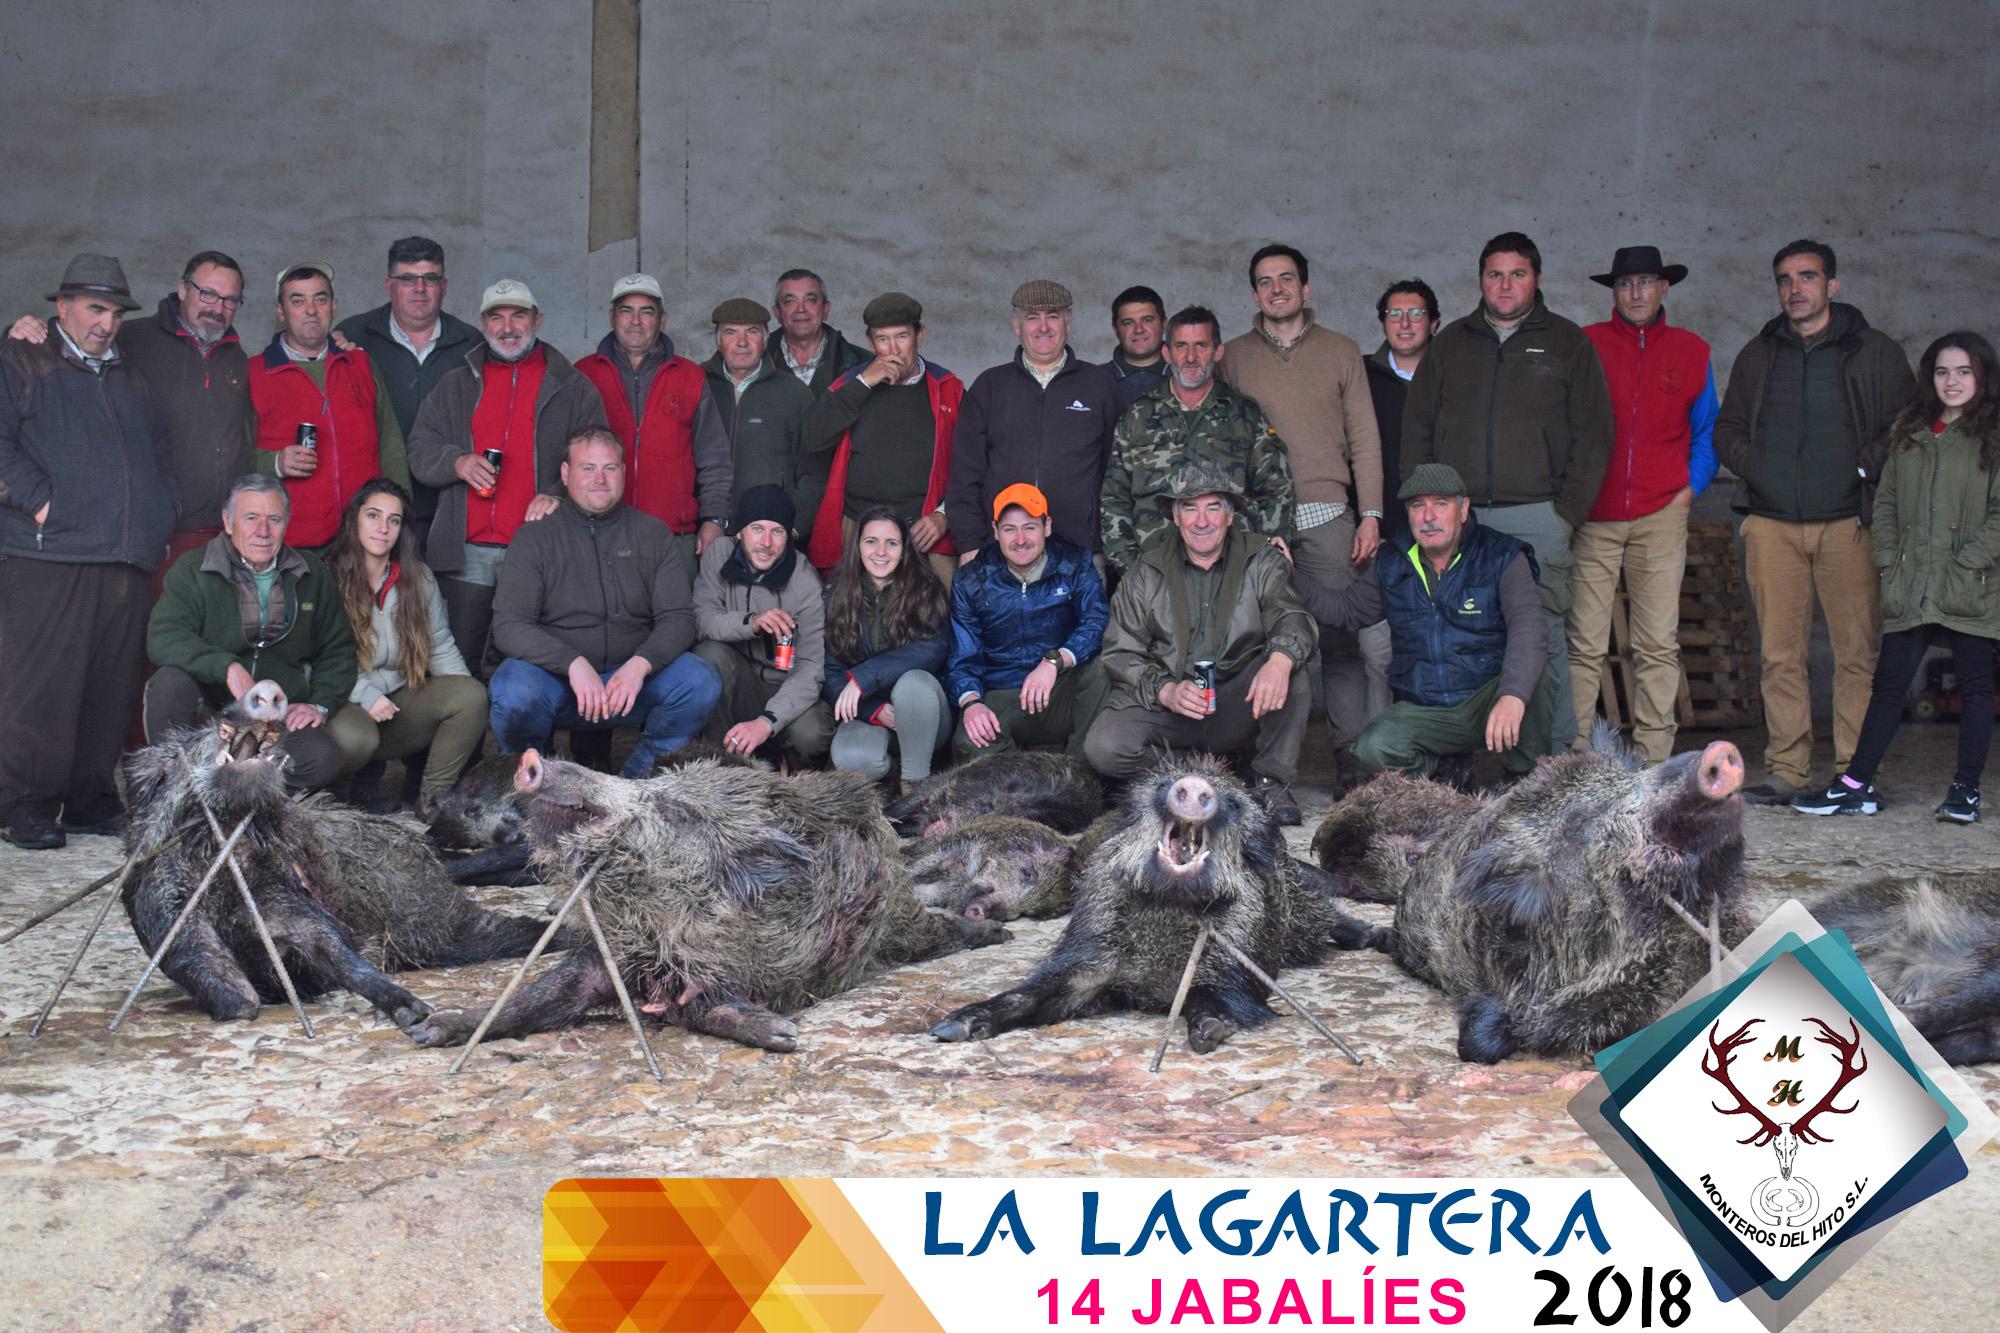 Galería La Lagartera 2018